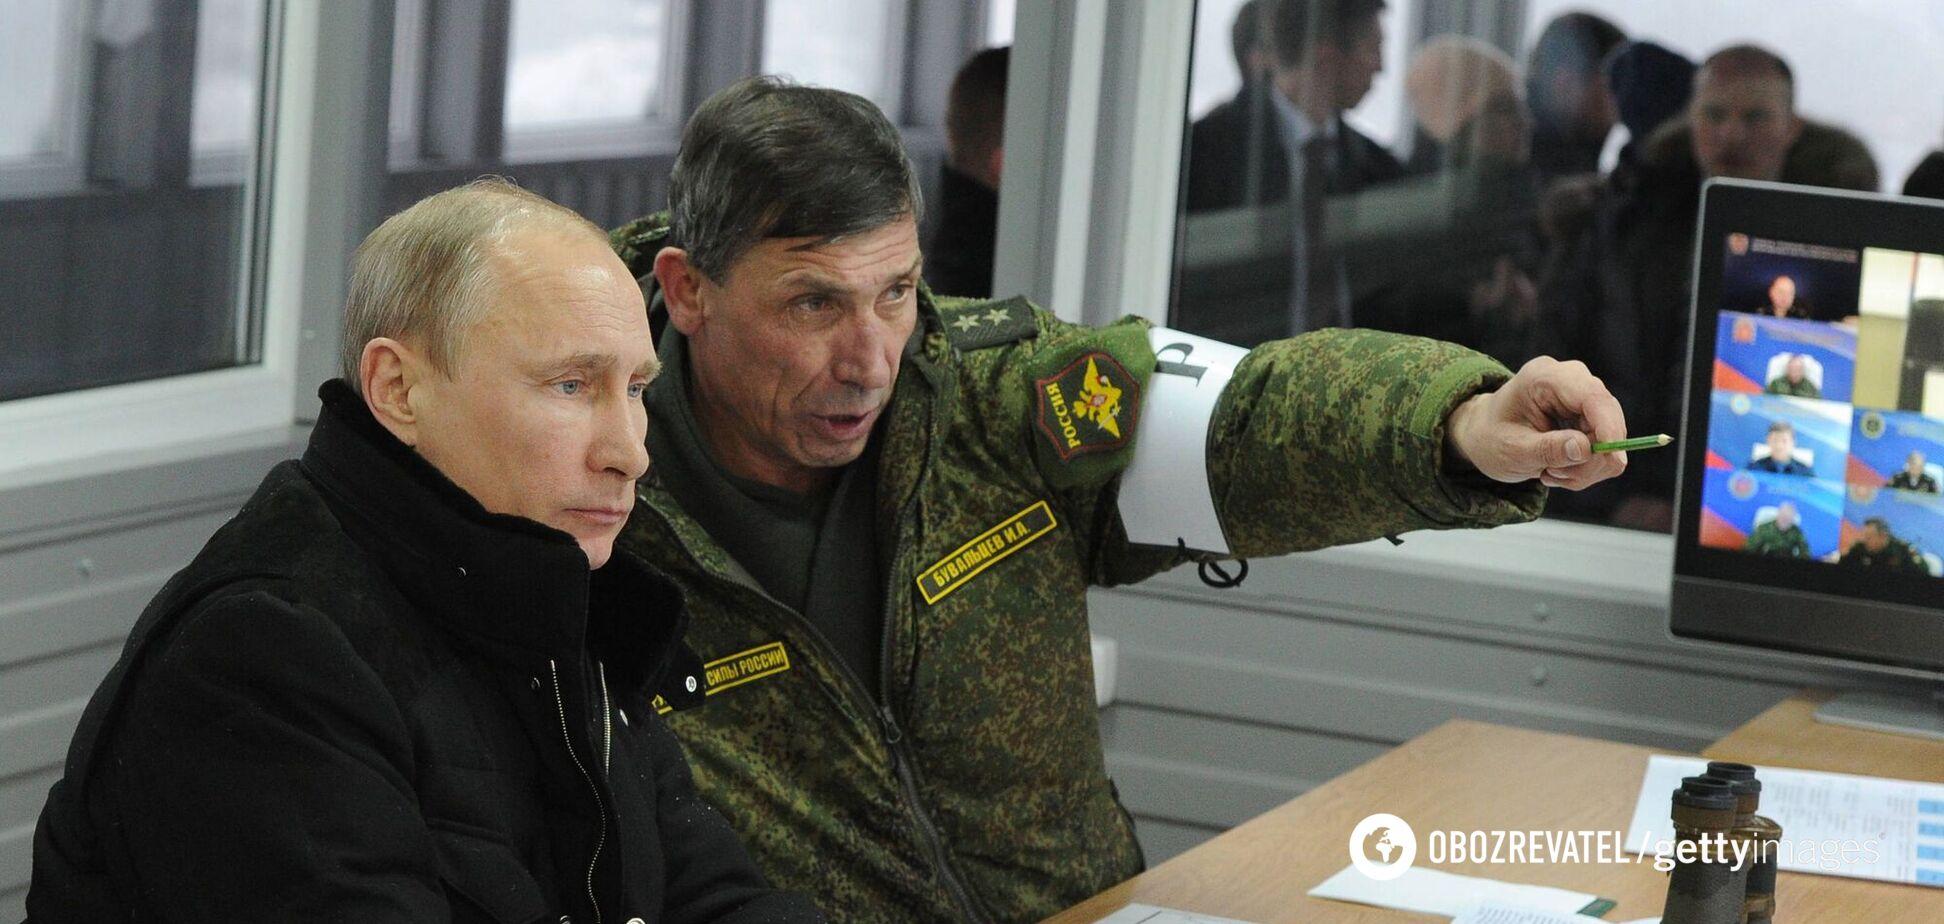 Путин не может устроить наступление на Украину: Жданов назвал причину